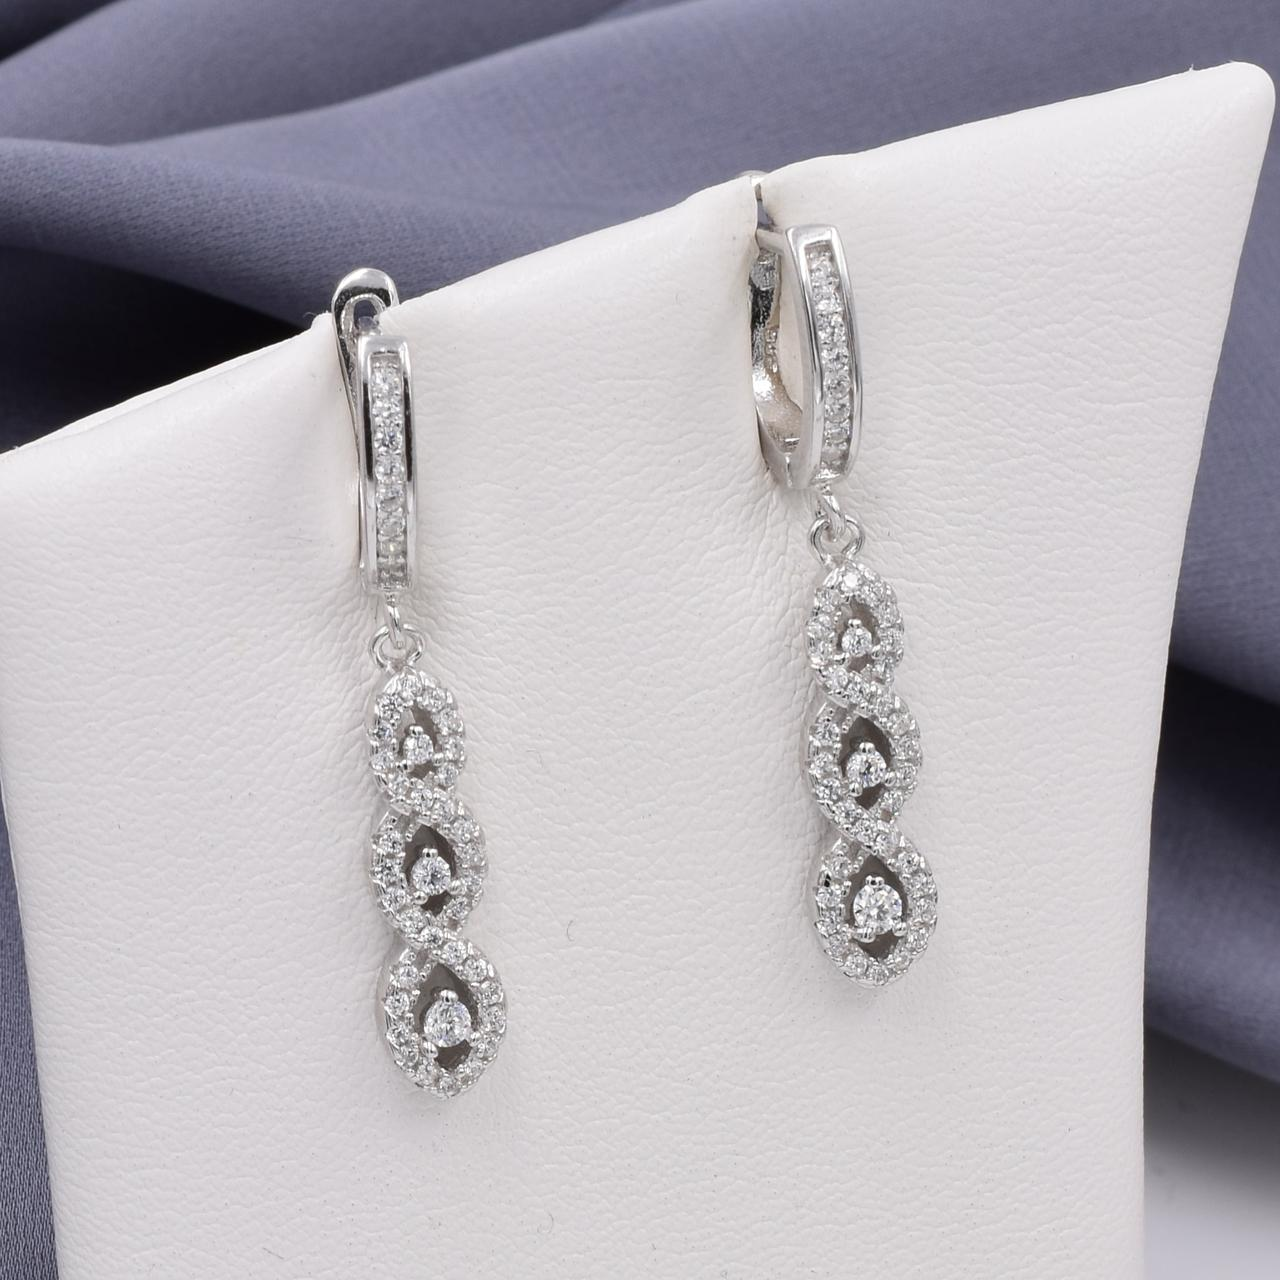 Серебряные серьги размер 35х6 мм вставка белые фианиты вес 5.9 г